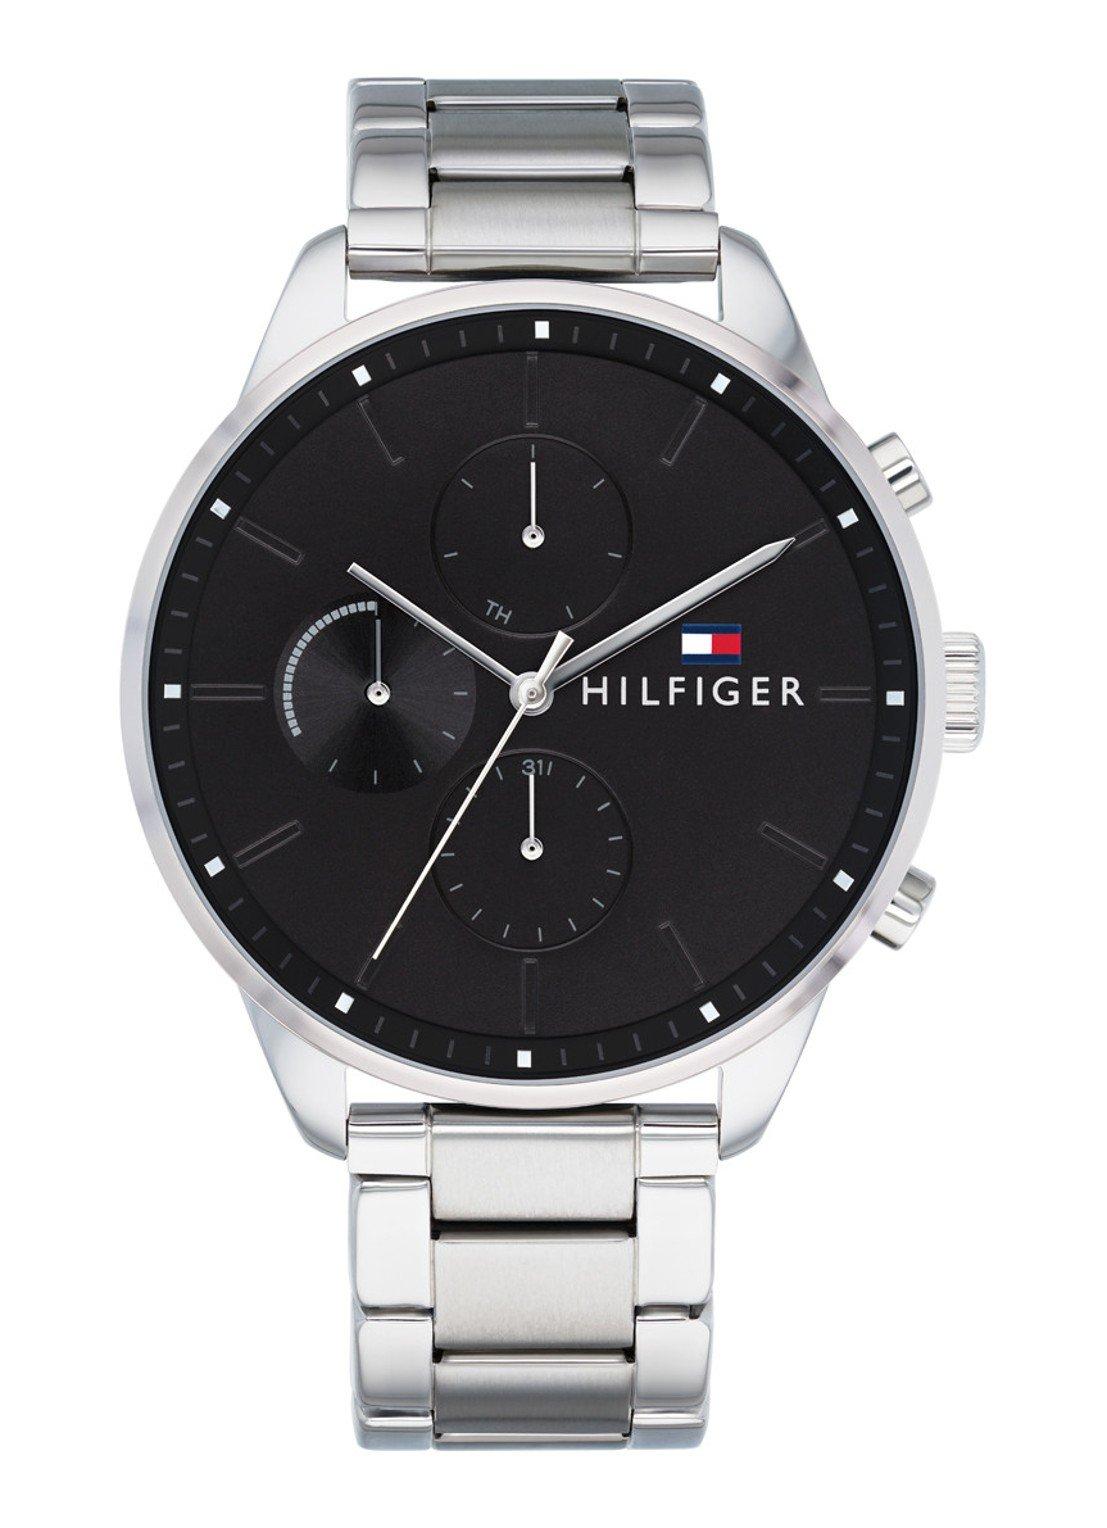 Tommy Hilfiger Chase TH1791485 horloge voor €50,70 @ Amazon.nl/de Bijenkorf